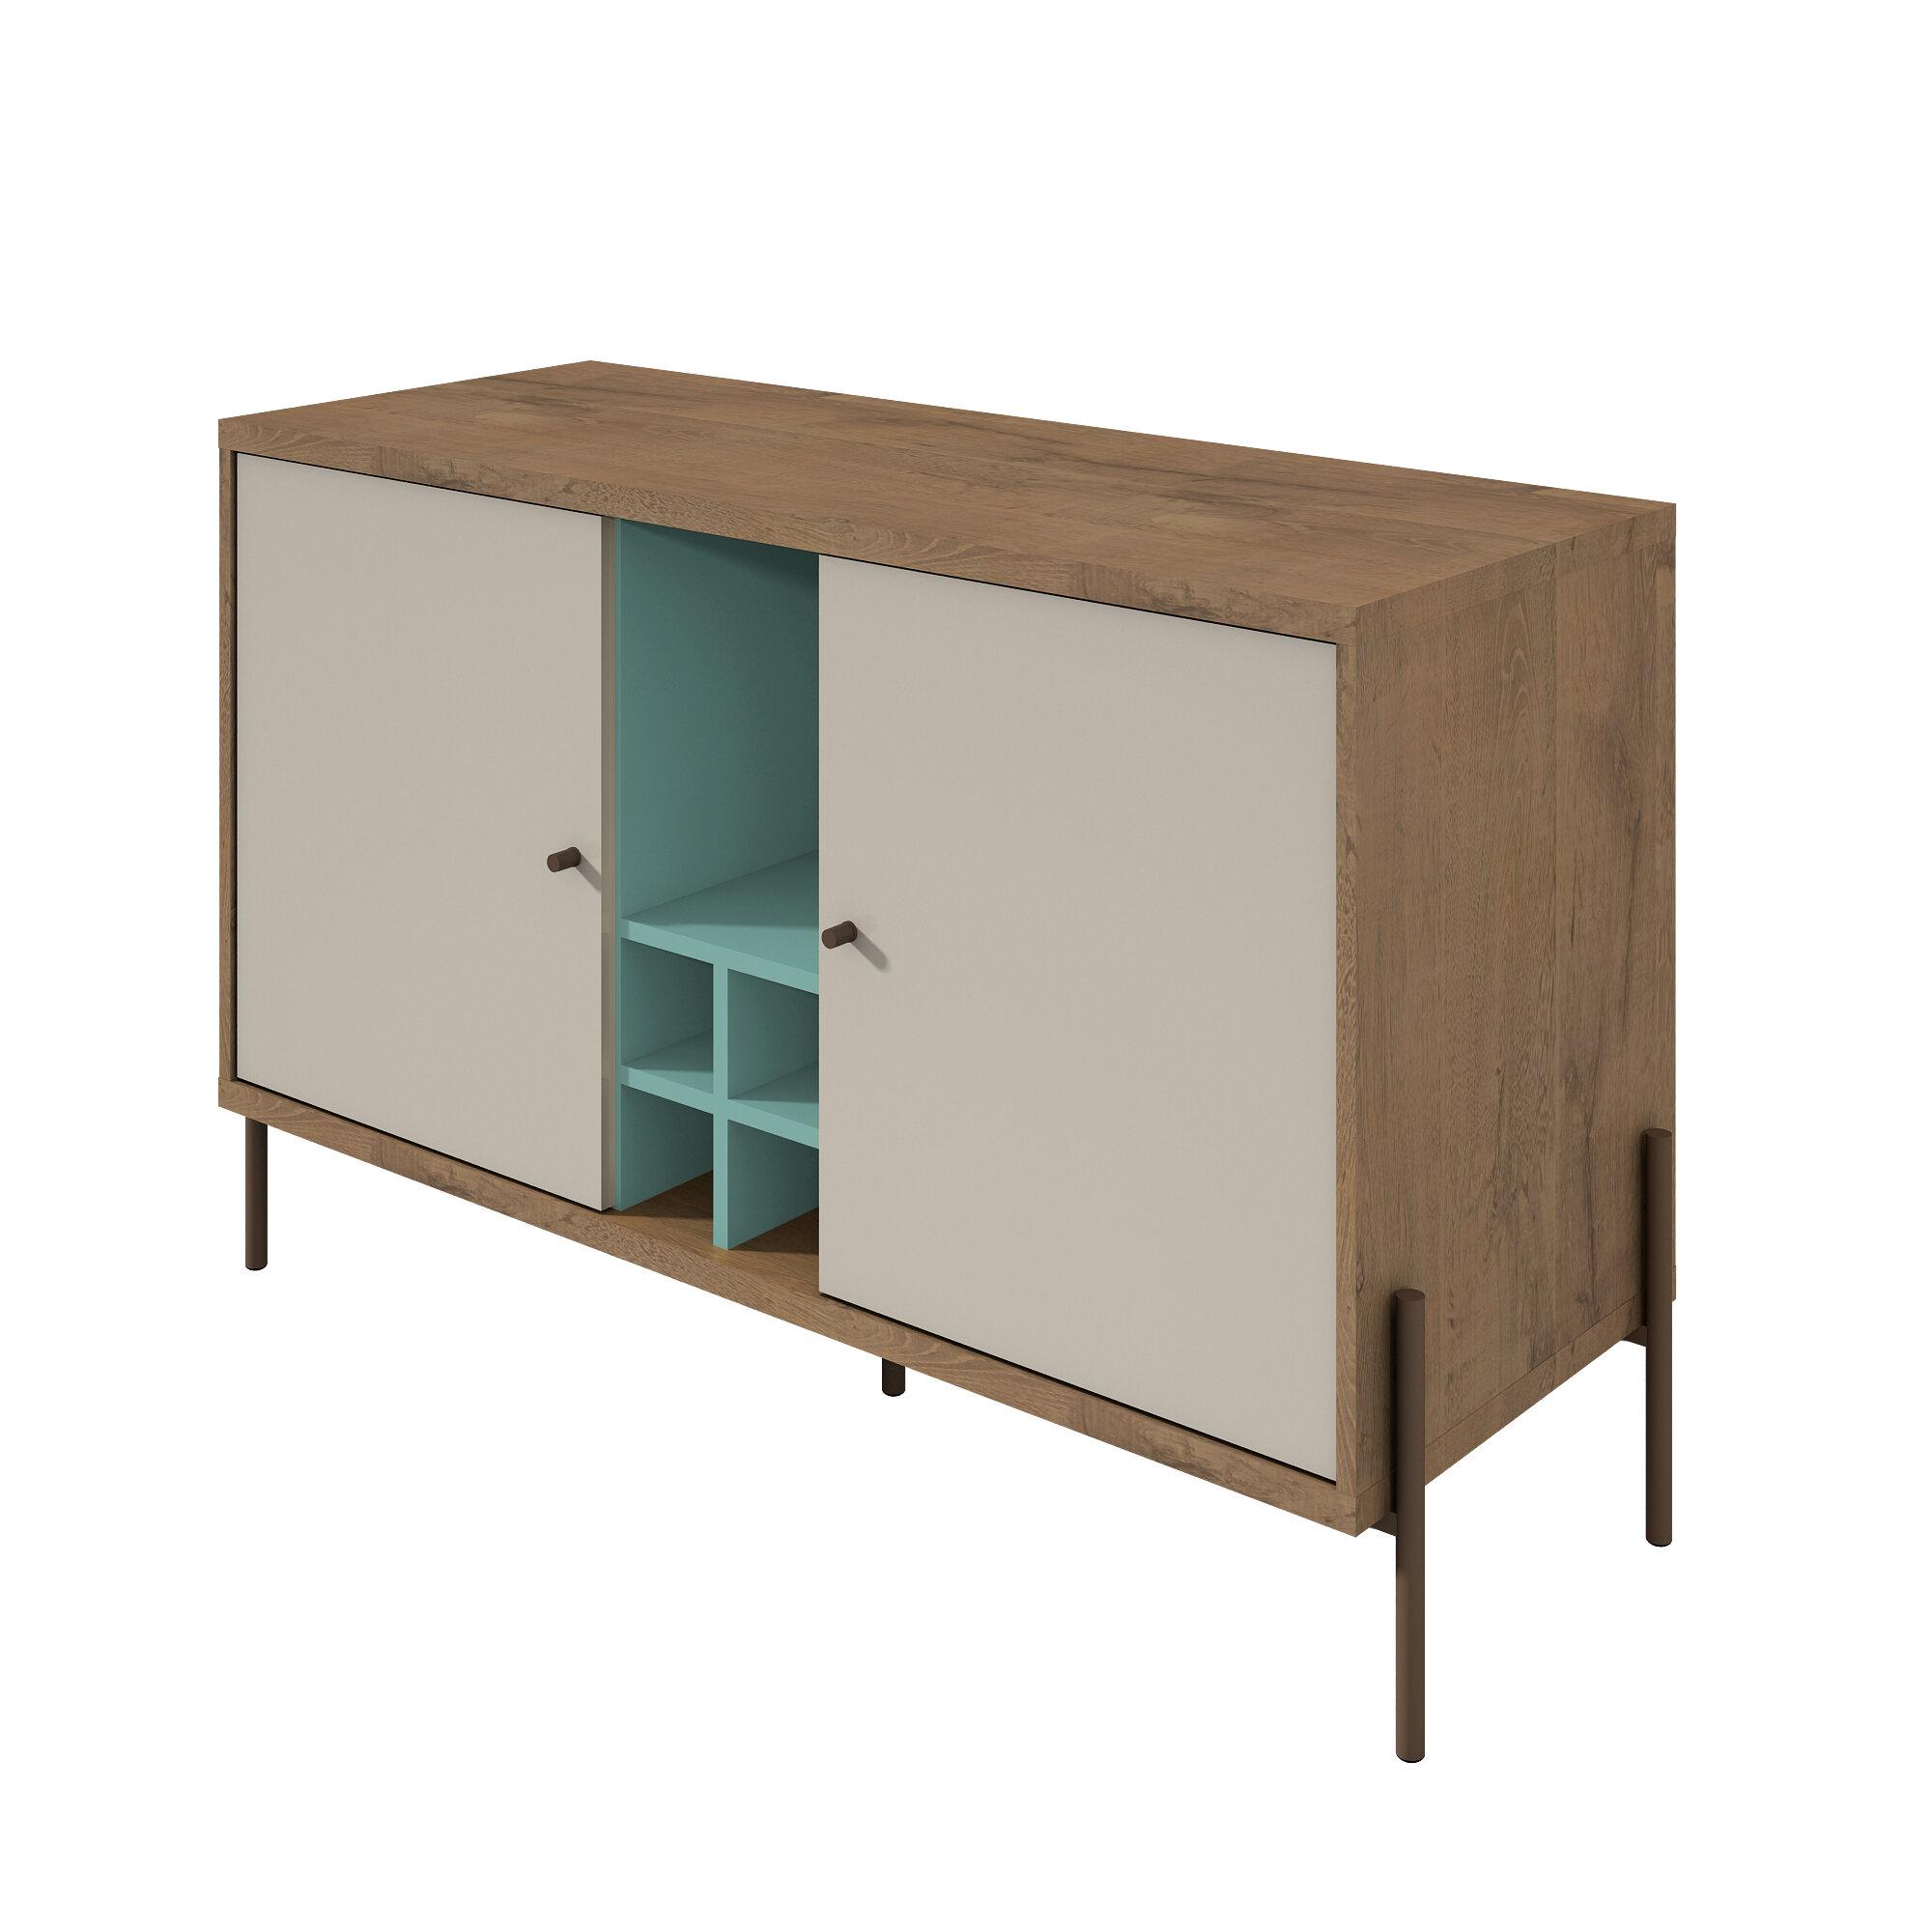 Modern & Contemporary Kieth 4 Door Credenza | Allmodern Within Kieth 4 Door Credenzas (View 13 of 30)